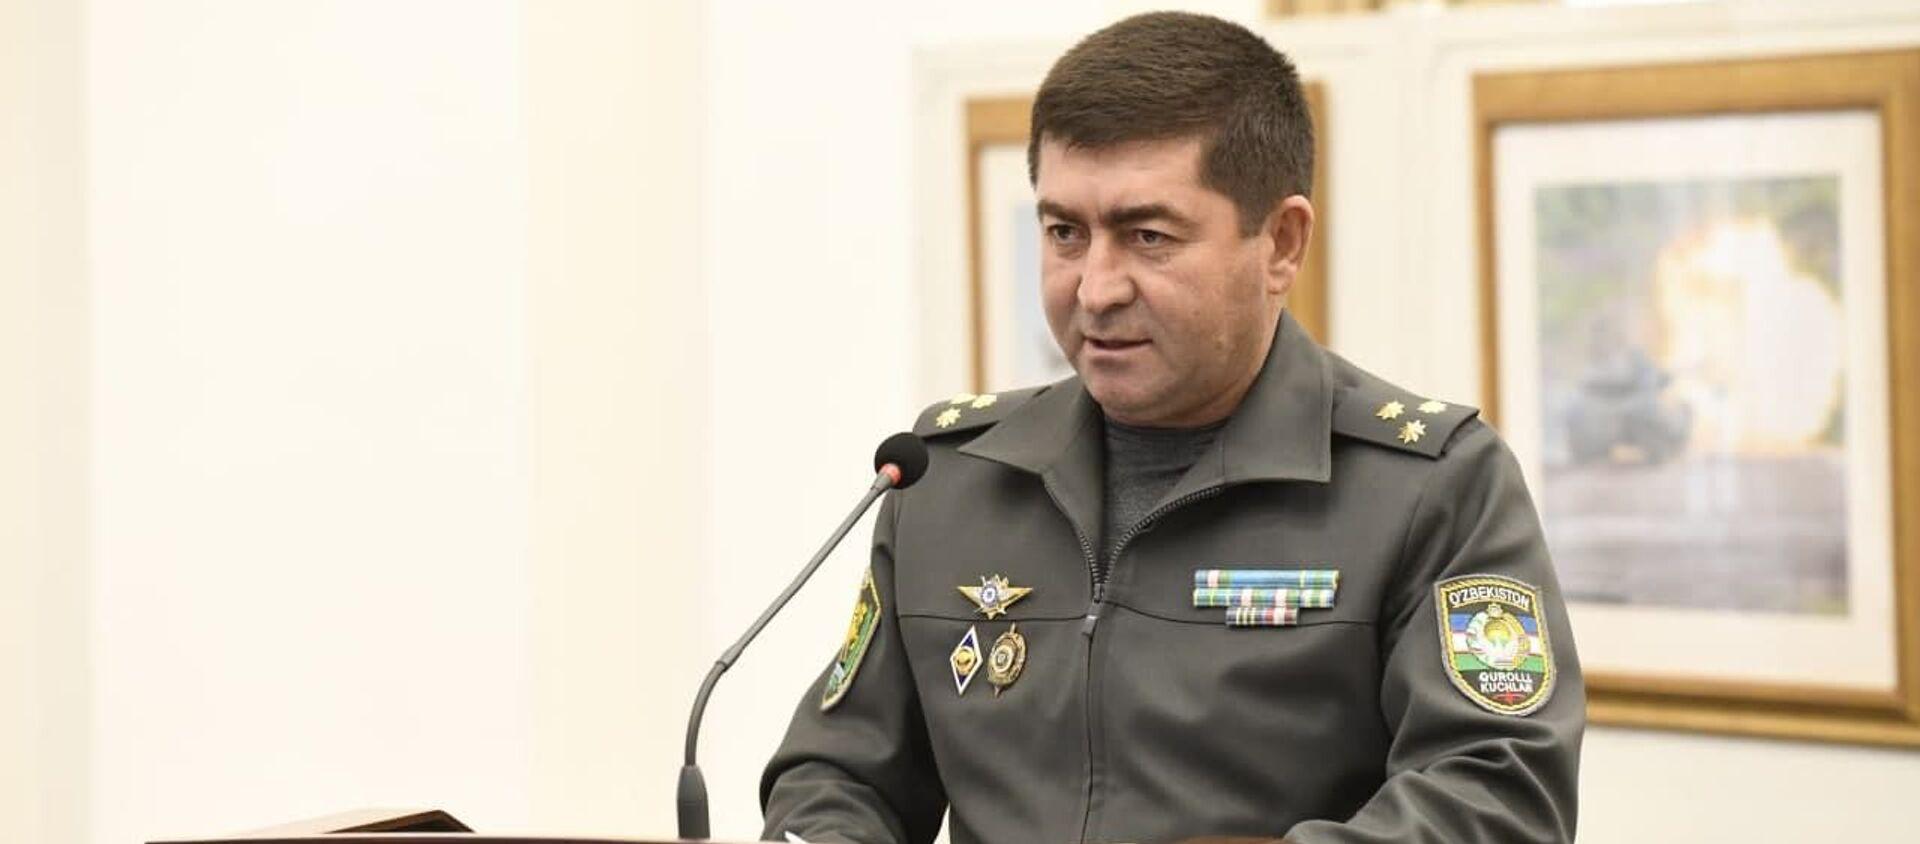 Узбекистан на треть увеличил запасы вооружения и военной техники - Sputnik Узбекистан, 1920, 04.12.2020